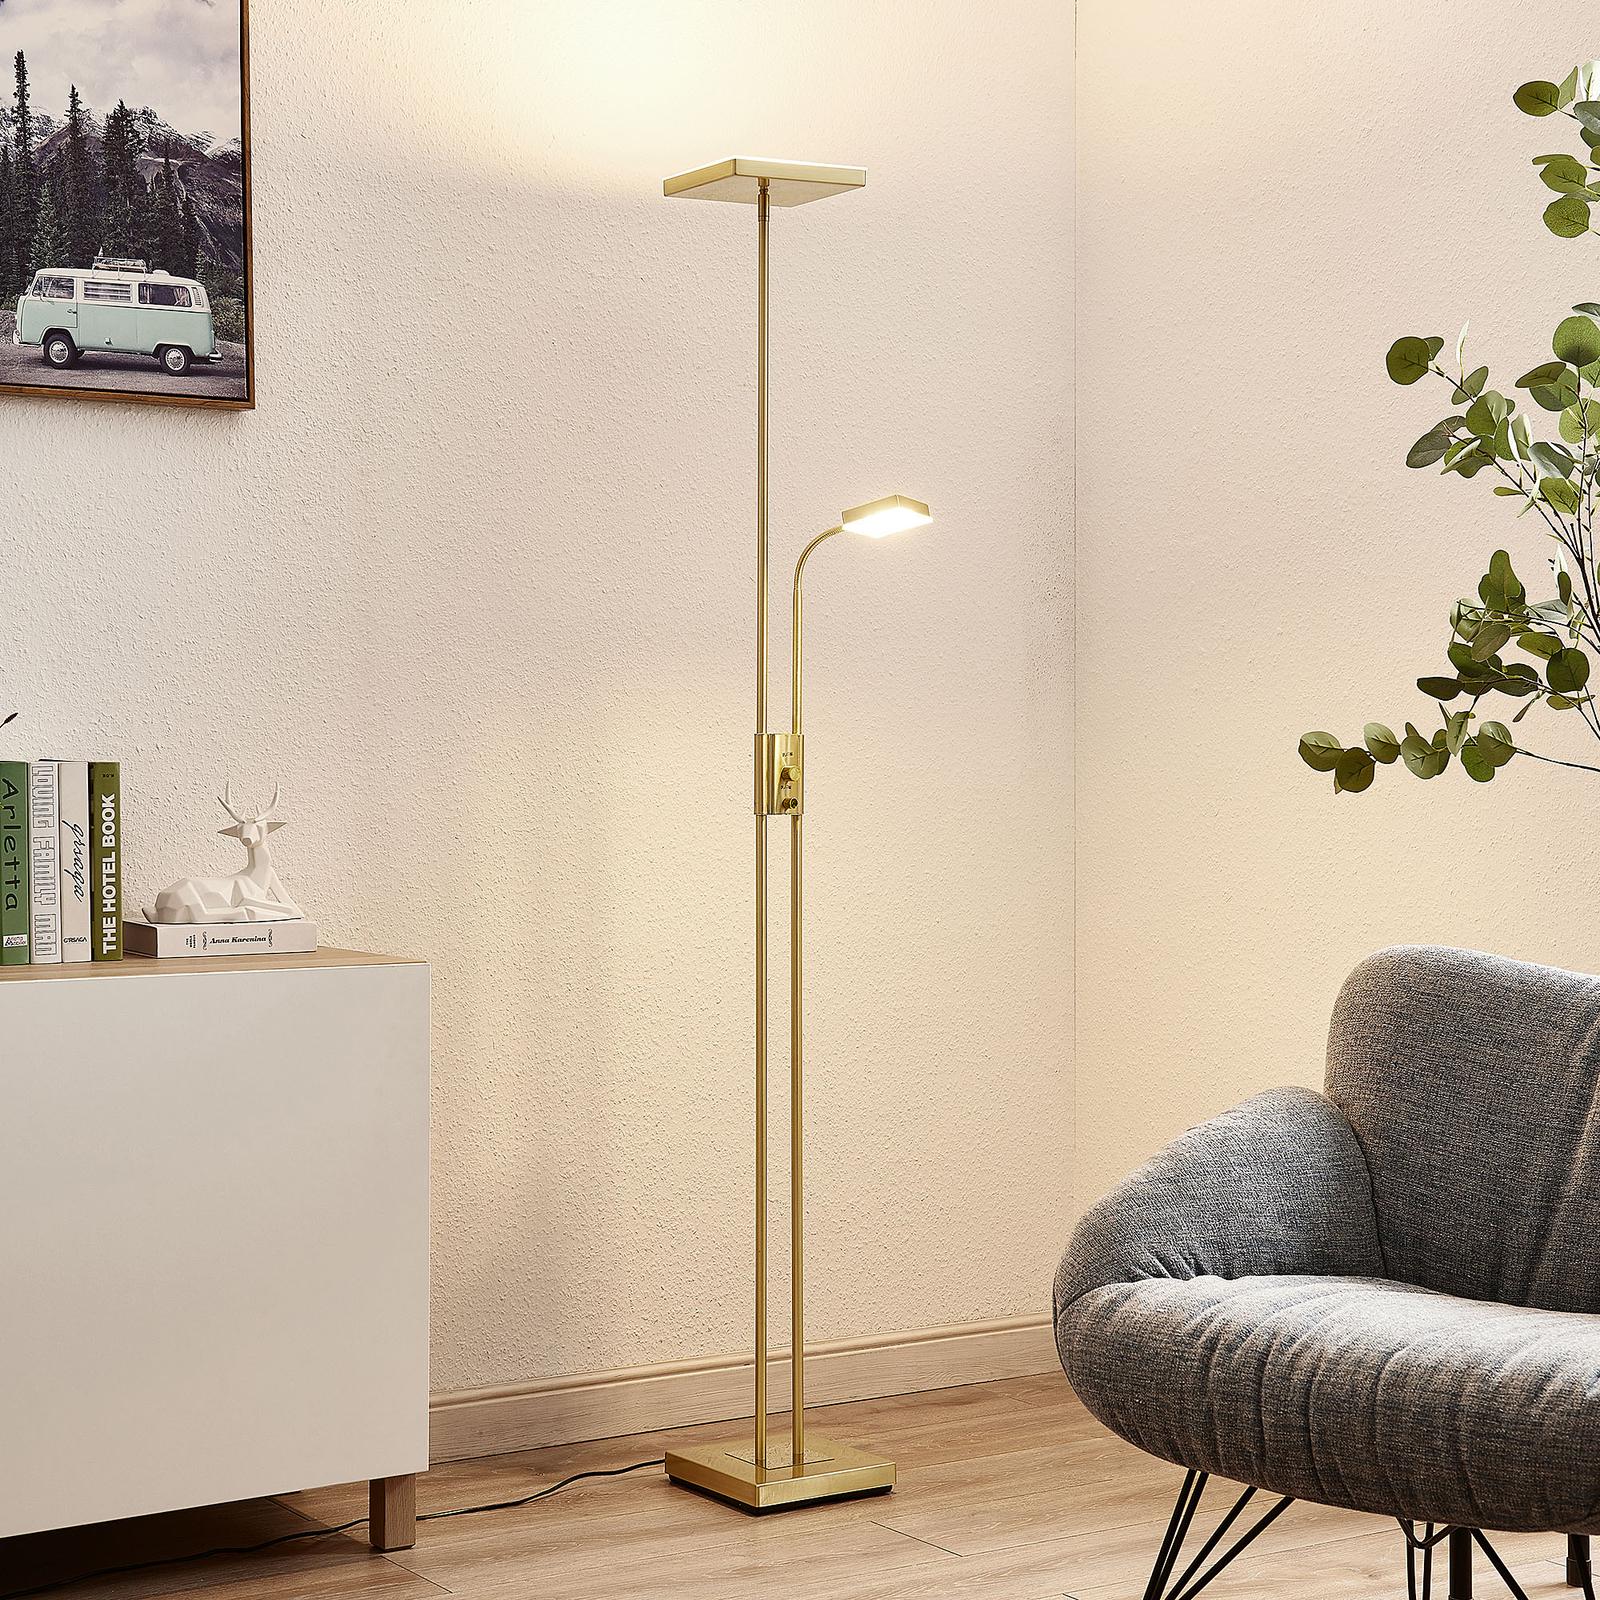 Lindby Seppa lampa stojąca LED, kątowa, mosiądz